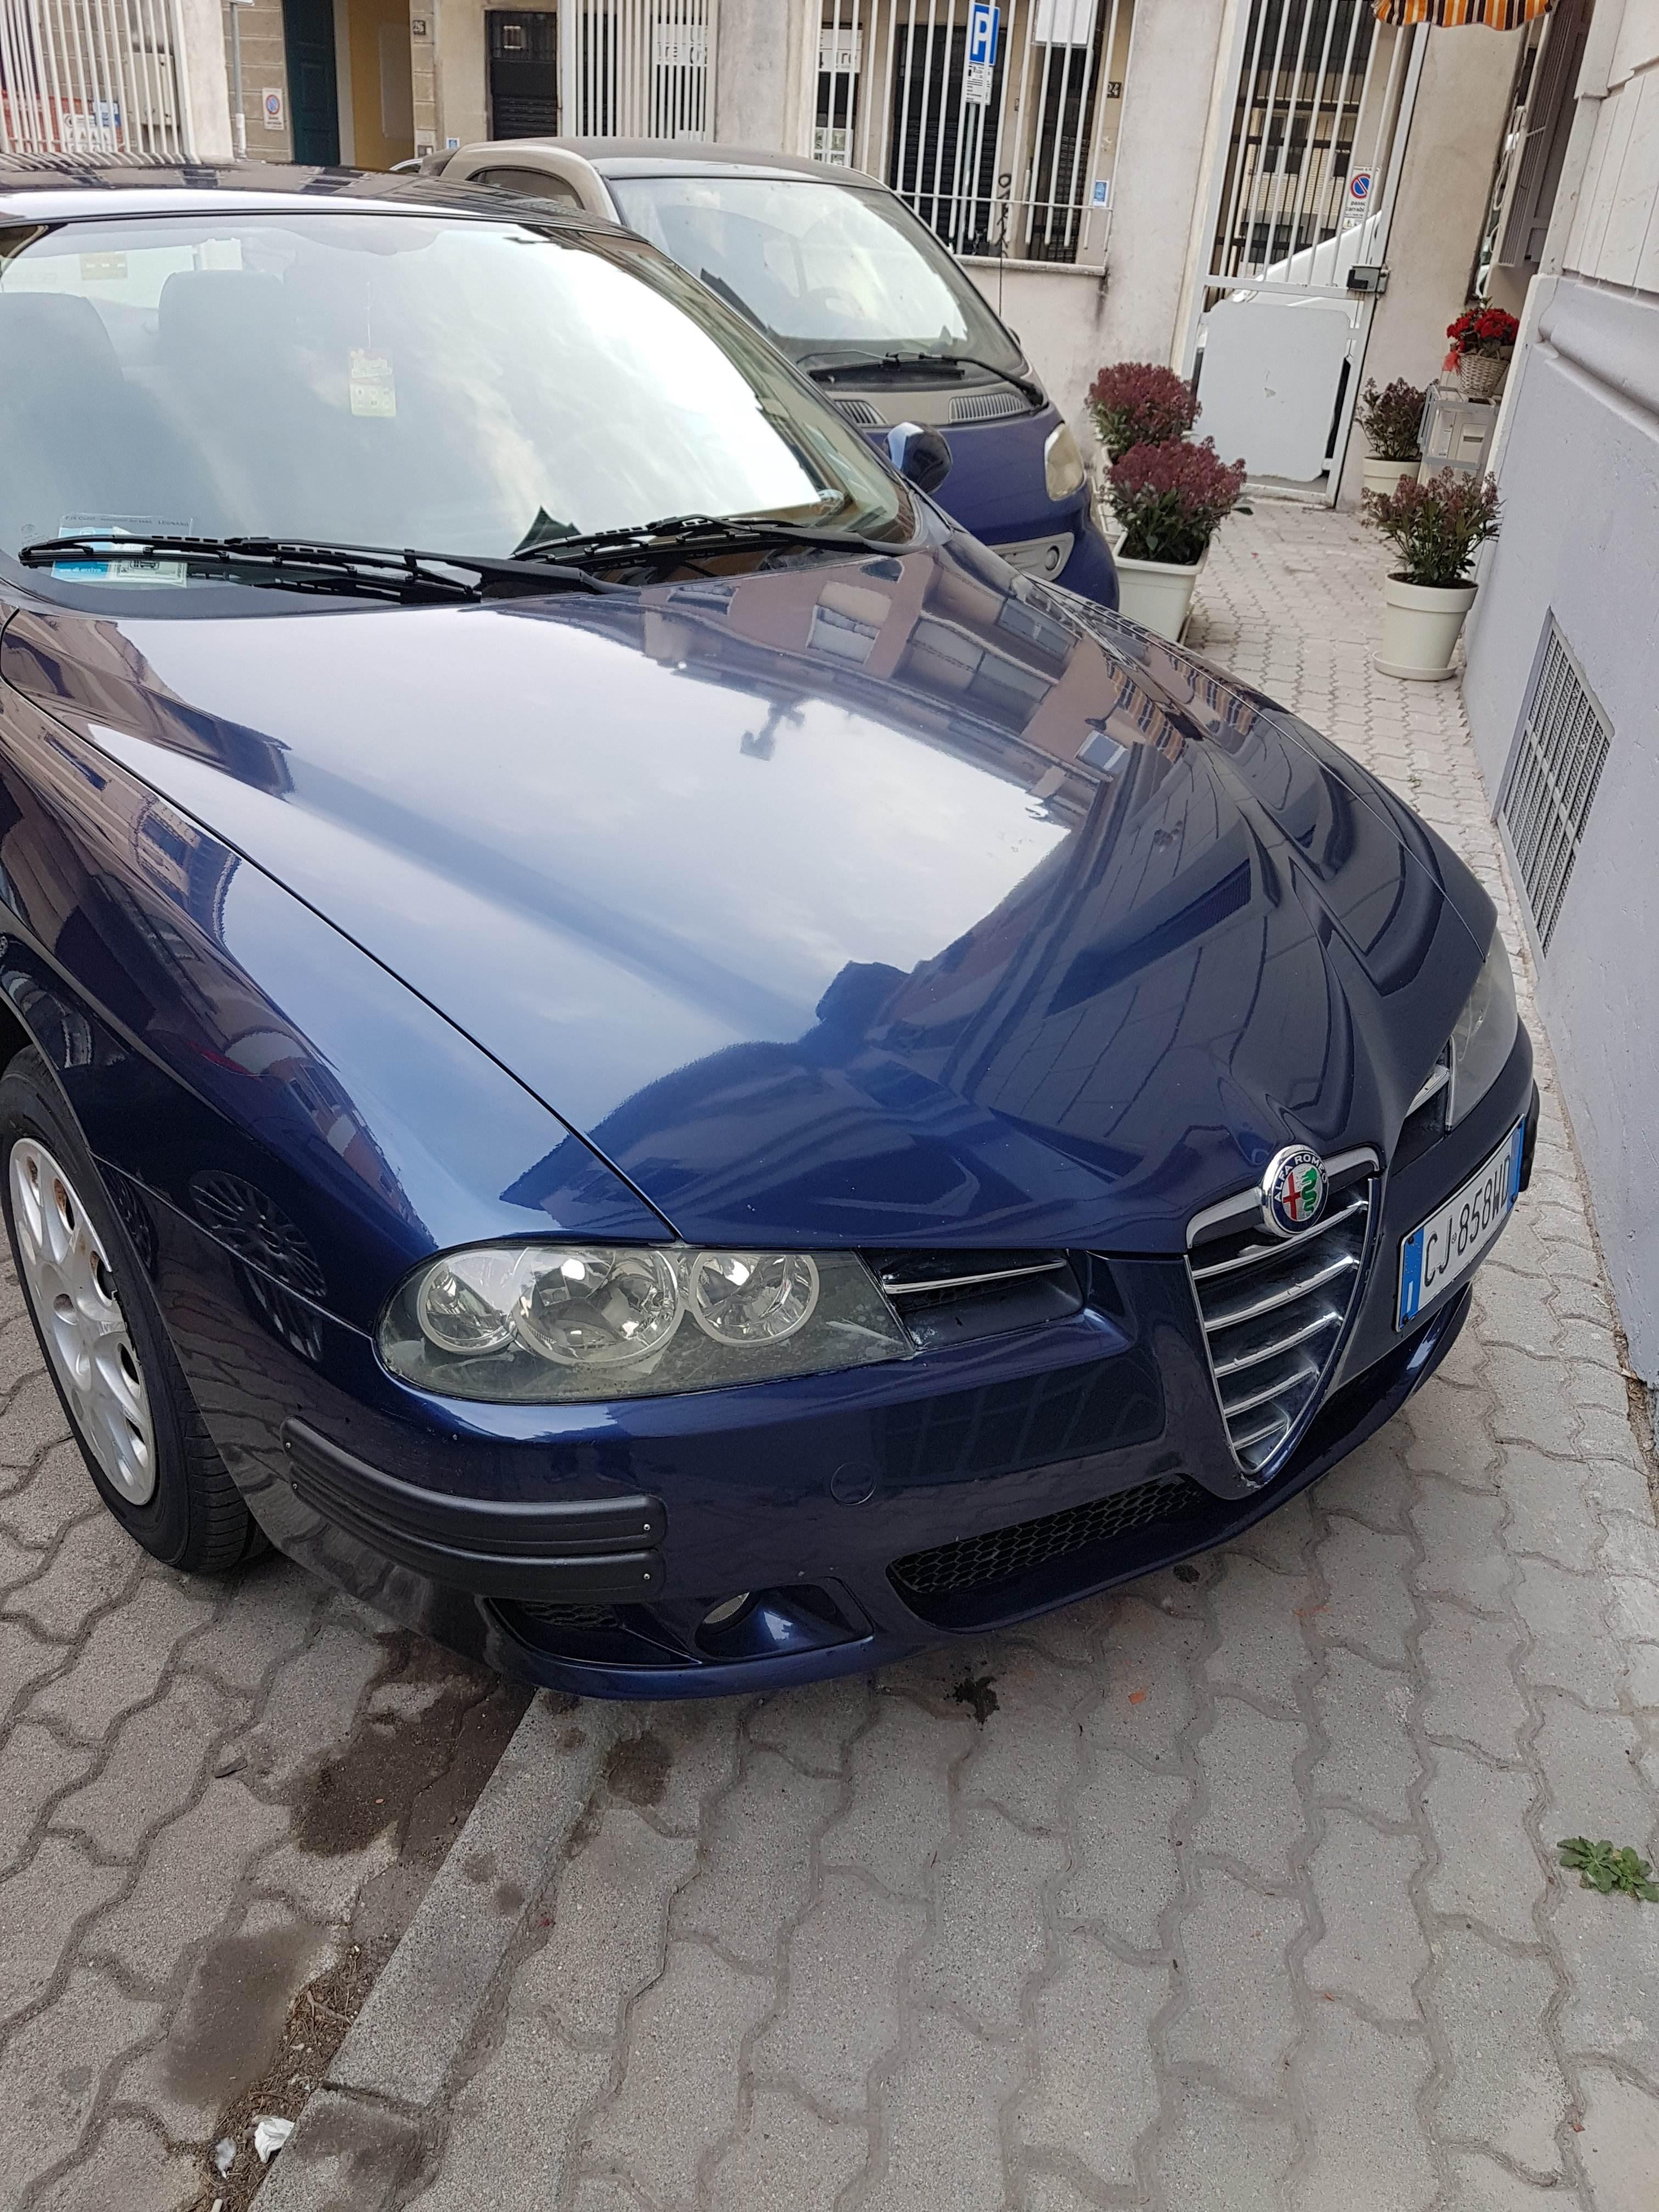 foto Alfa Romeo 156 - 1.6 TS 120cv - Blu Vela - 2003 - 3